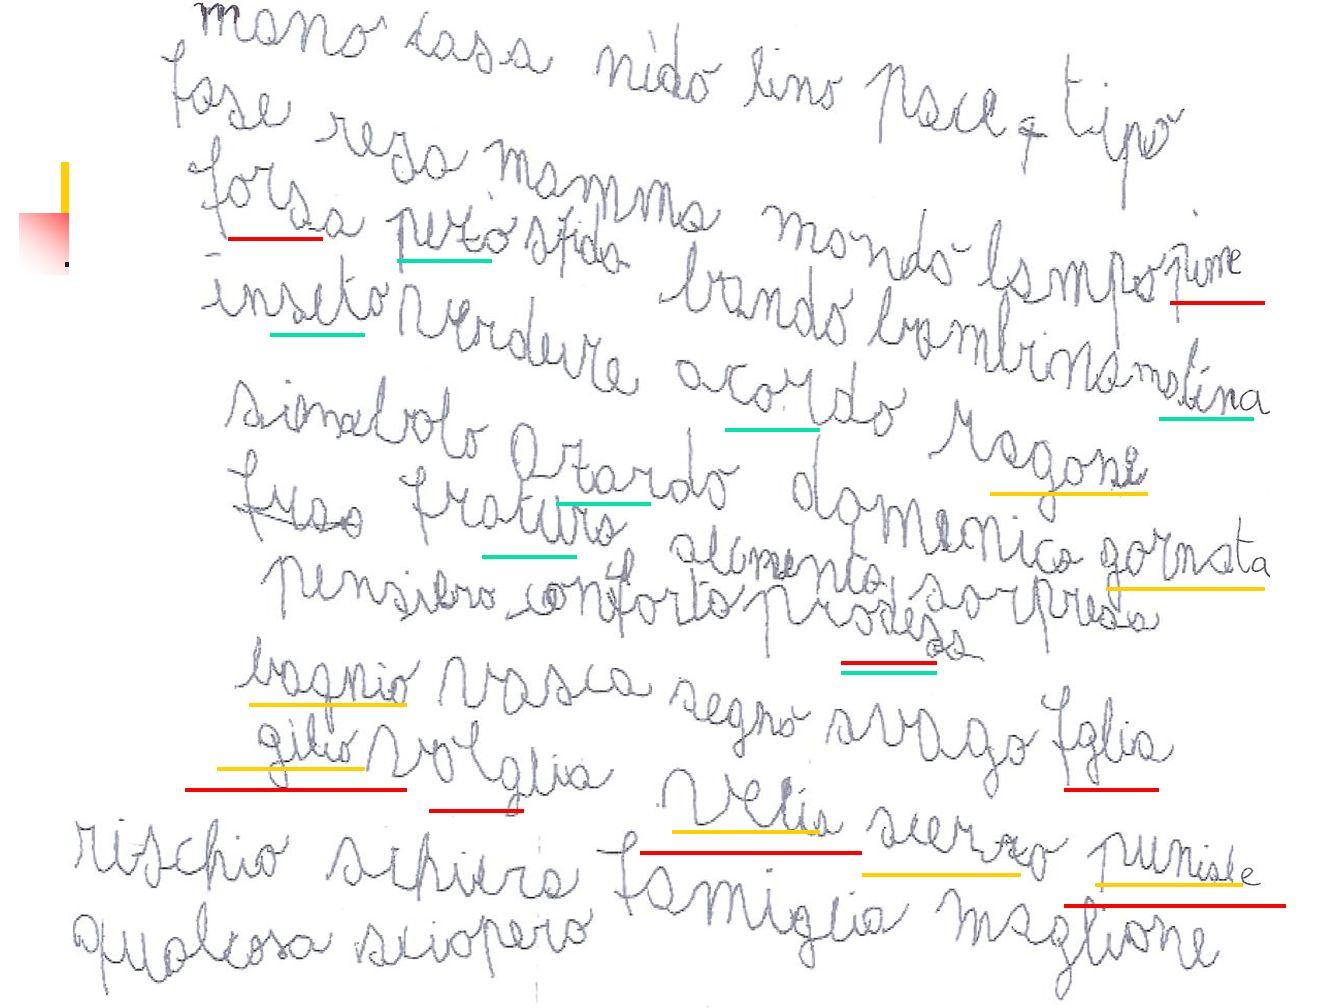 - screening II elementare- AID Meccanismi di lettura Meccanismo di anticipazione: meccanismo di previsione attraverso il quale il lettore immagina ciò che cè scritto in un testo prima di decifrarlo interamente.